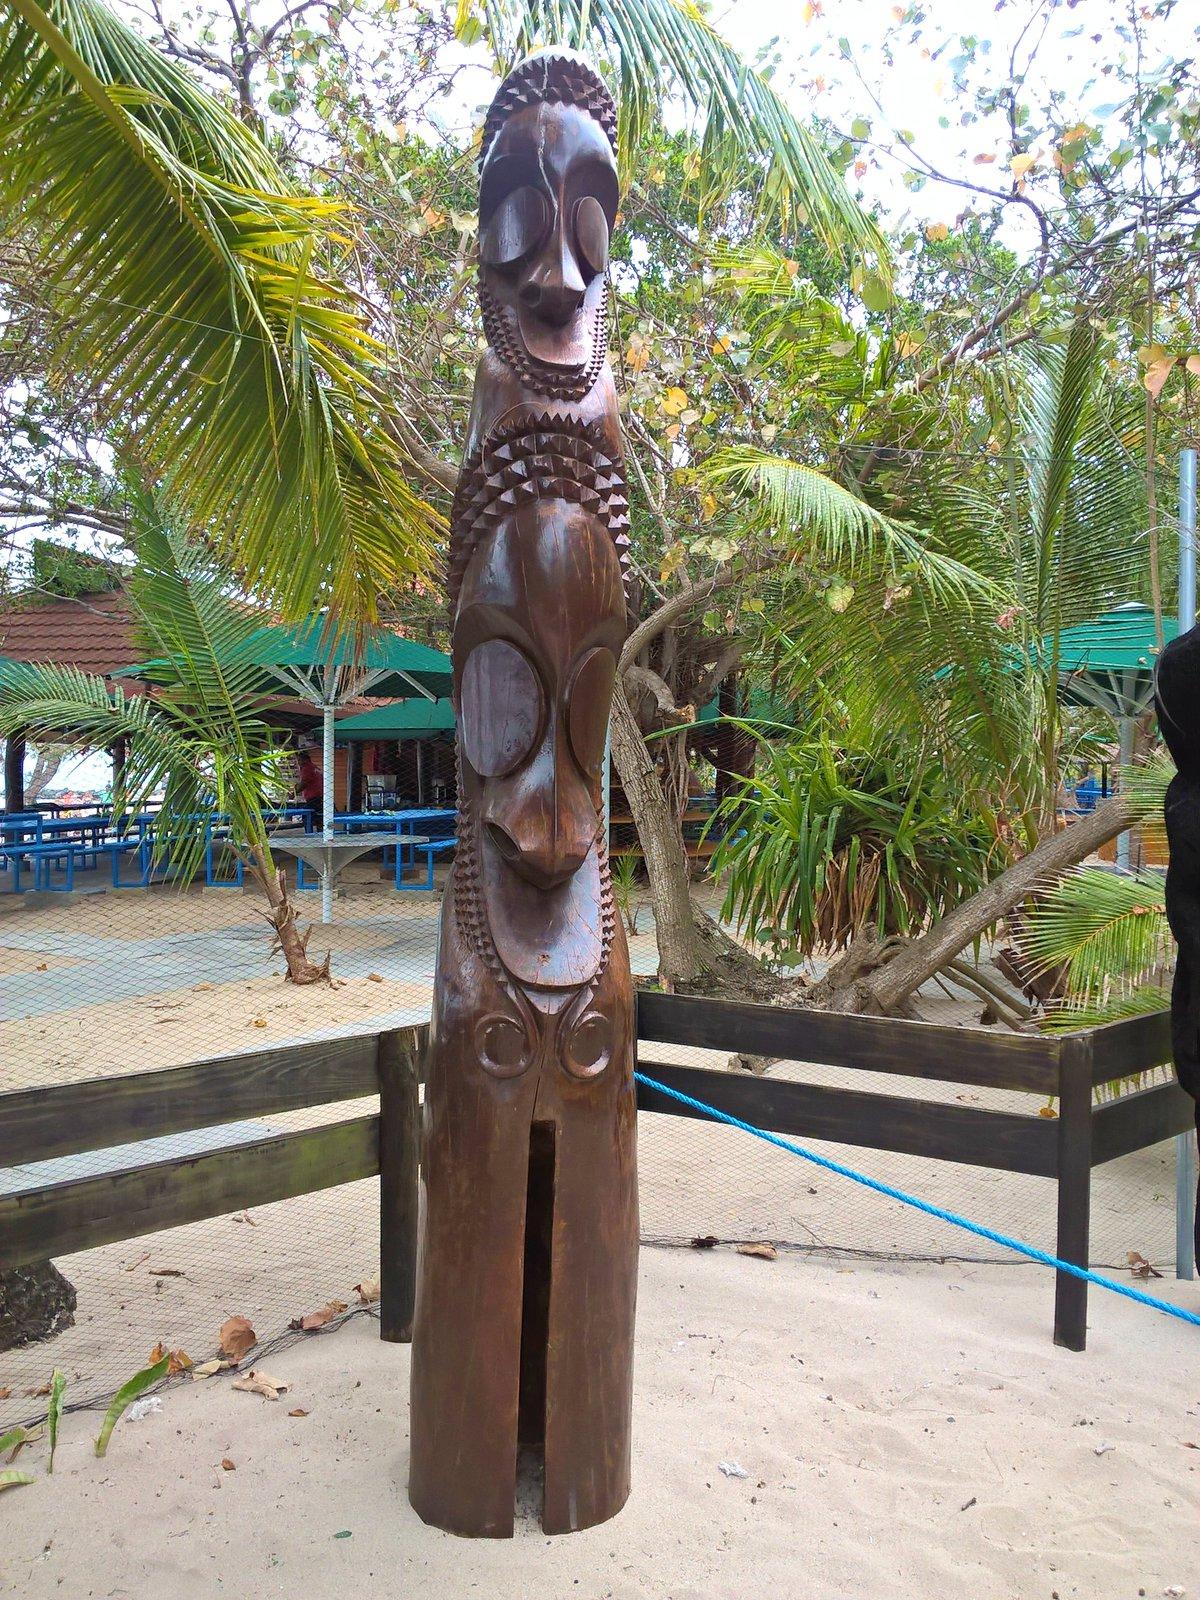 dřevěné sochy jsou typickou ukázkou kanackého umění